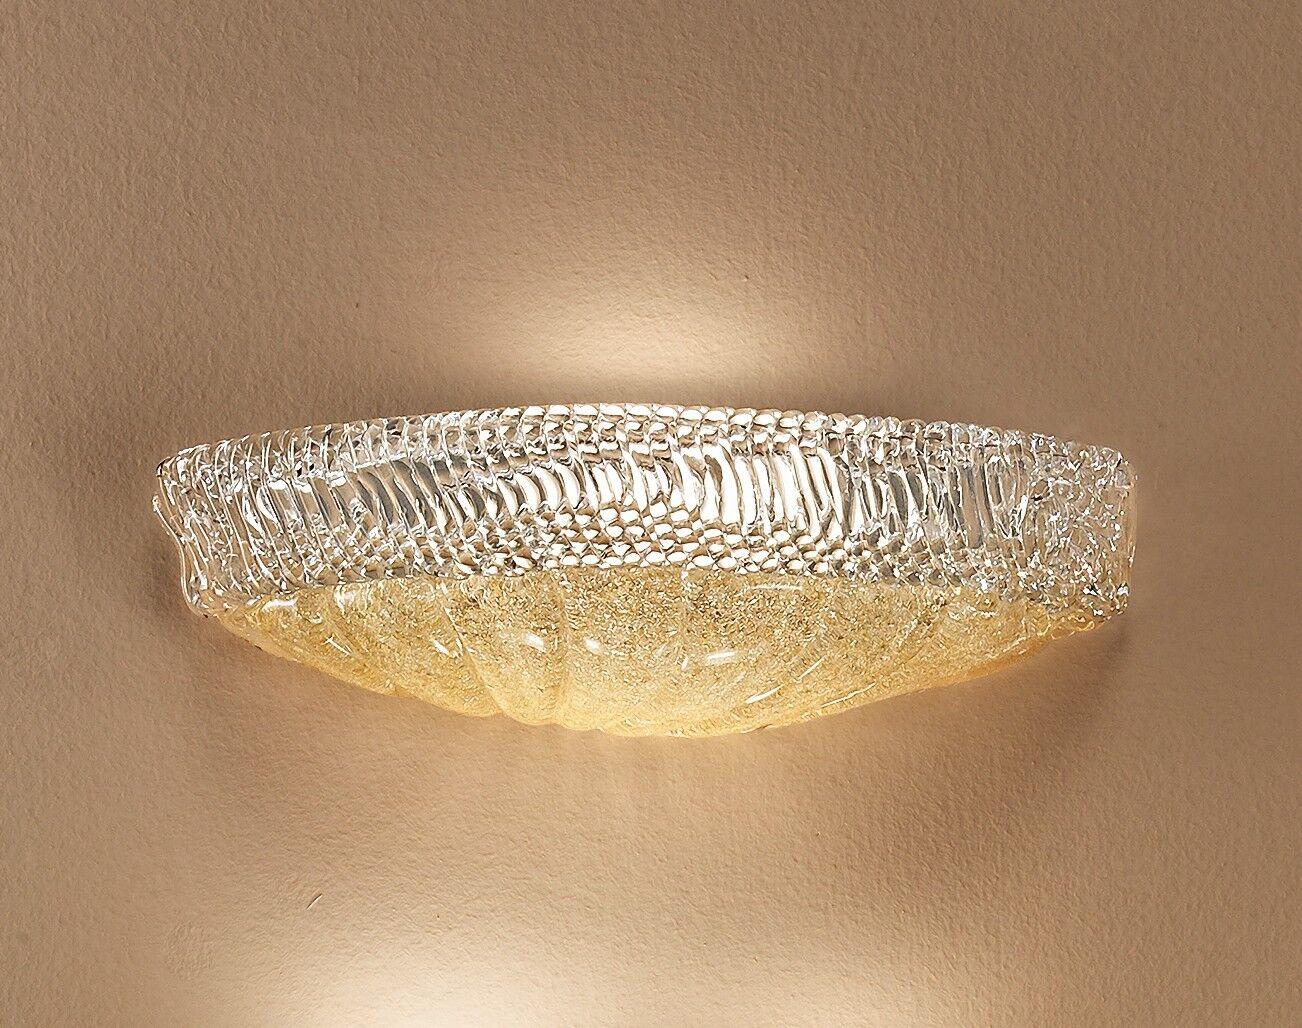 Applique lampada parete design classico elegante vetro artistico